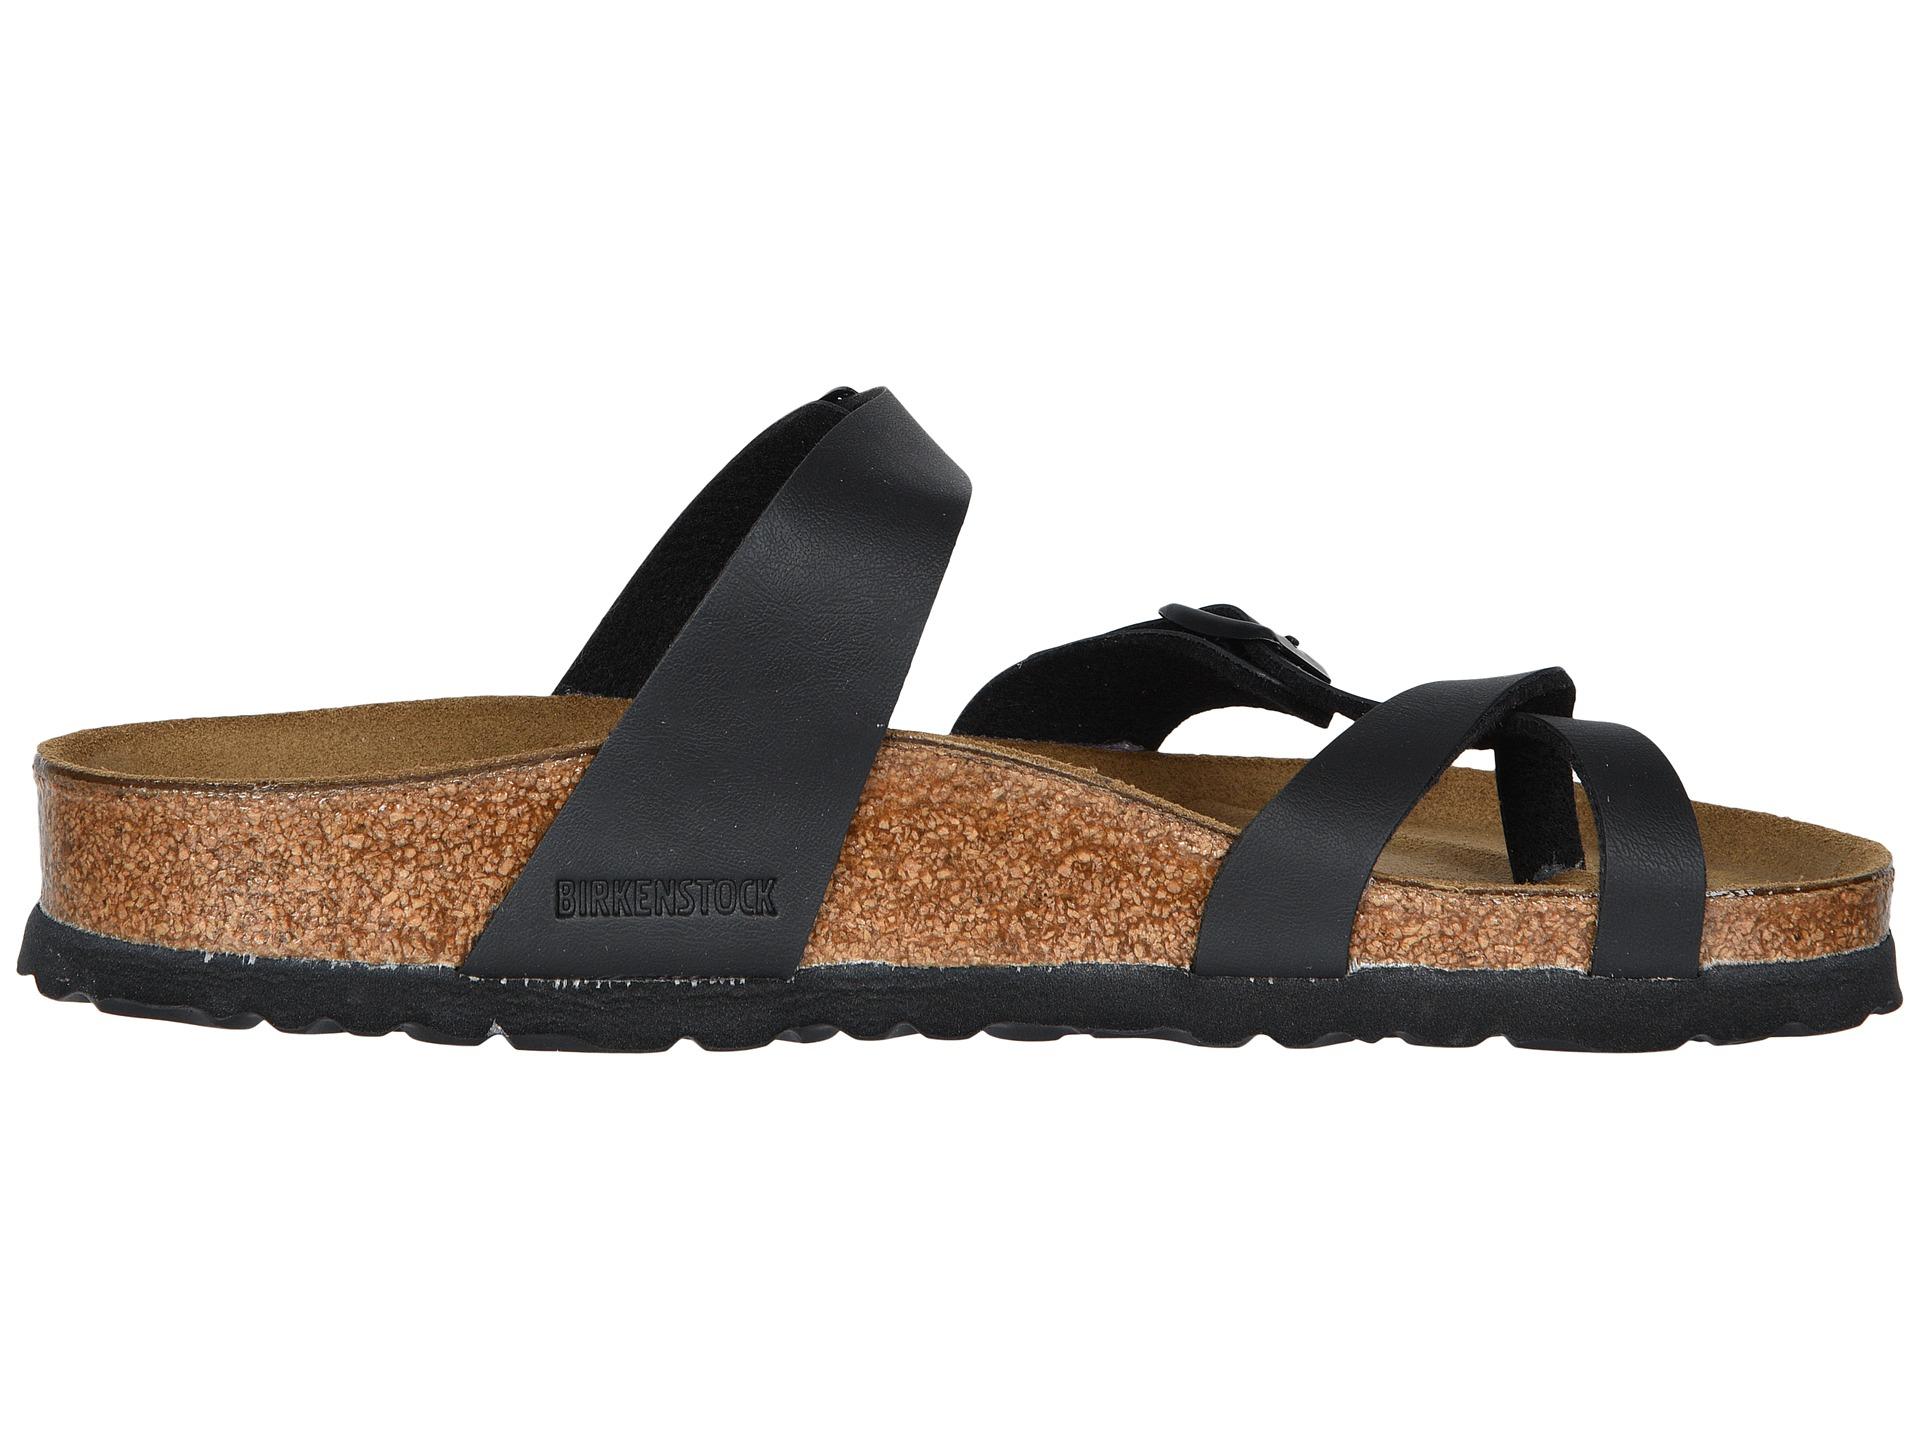 17644490ee76e Jacinth Birkenstock Madrid De Comfortable Shoes Brand | Portal for ...